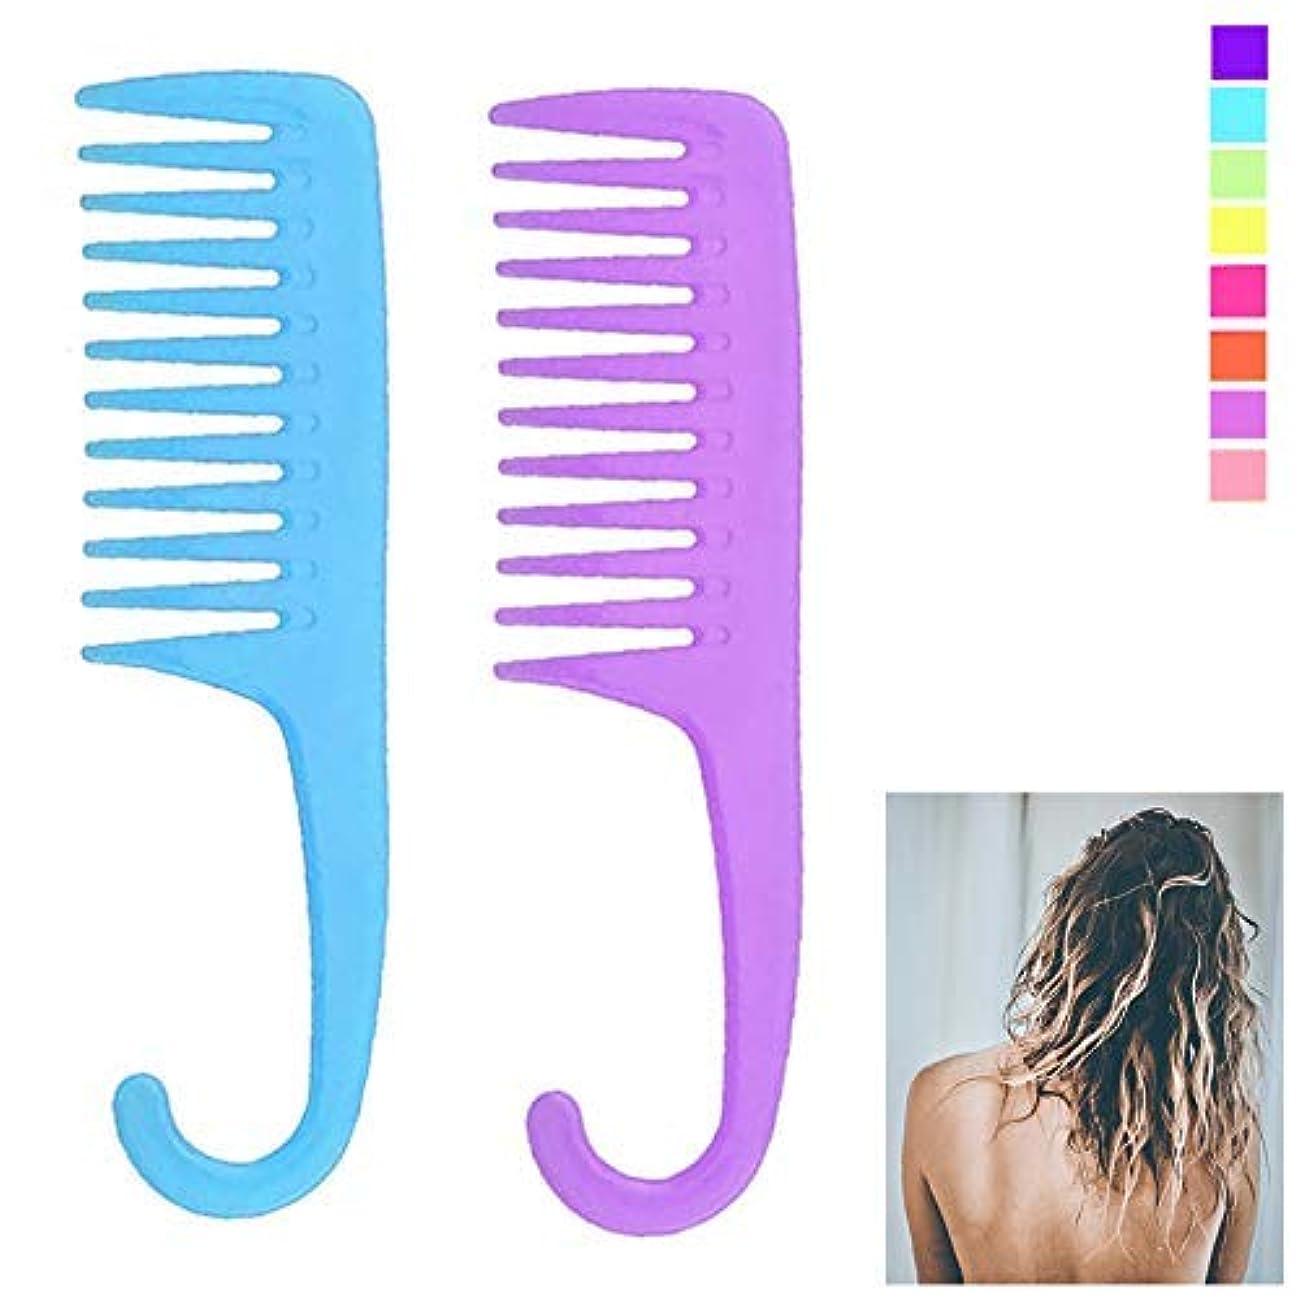 無意識トランペットぴかぴか2 Shower Combs Hair Wide Tooth Dry Wet Gently Detangles Thick Long Durable Salon [並行輸入品]